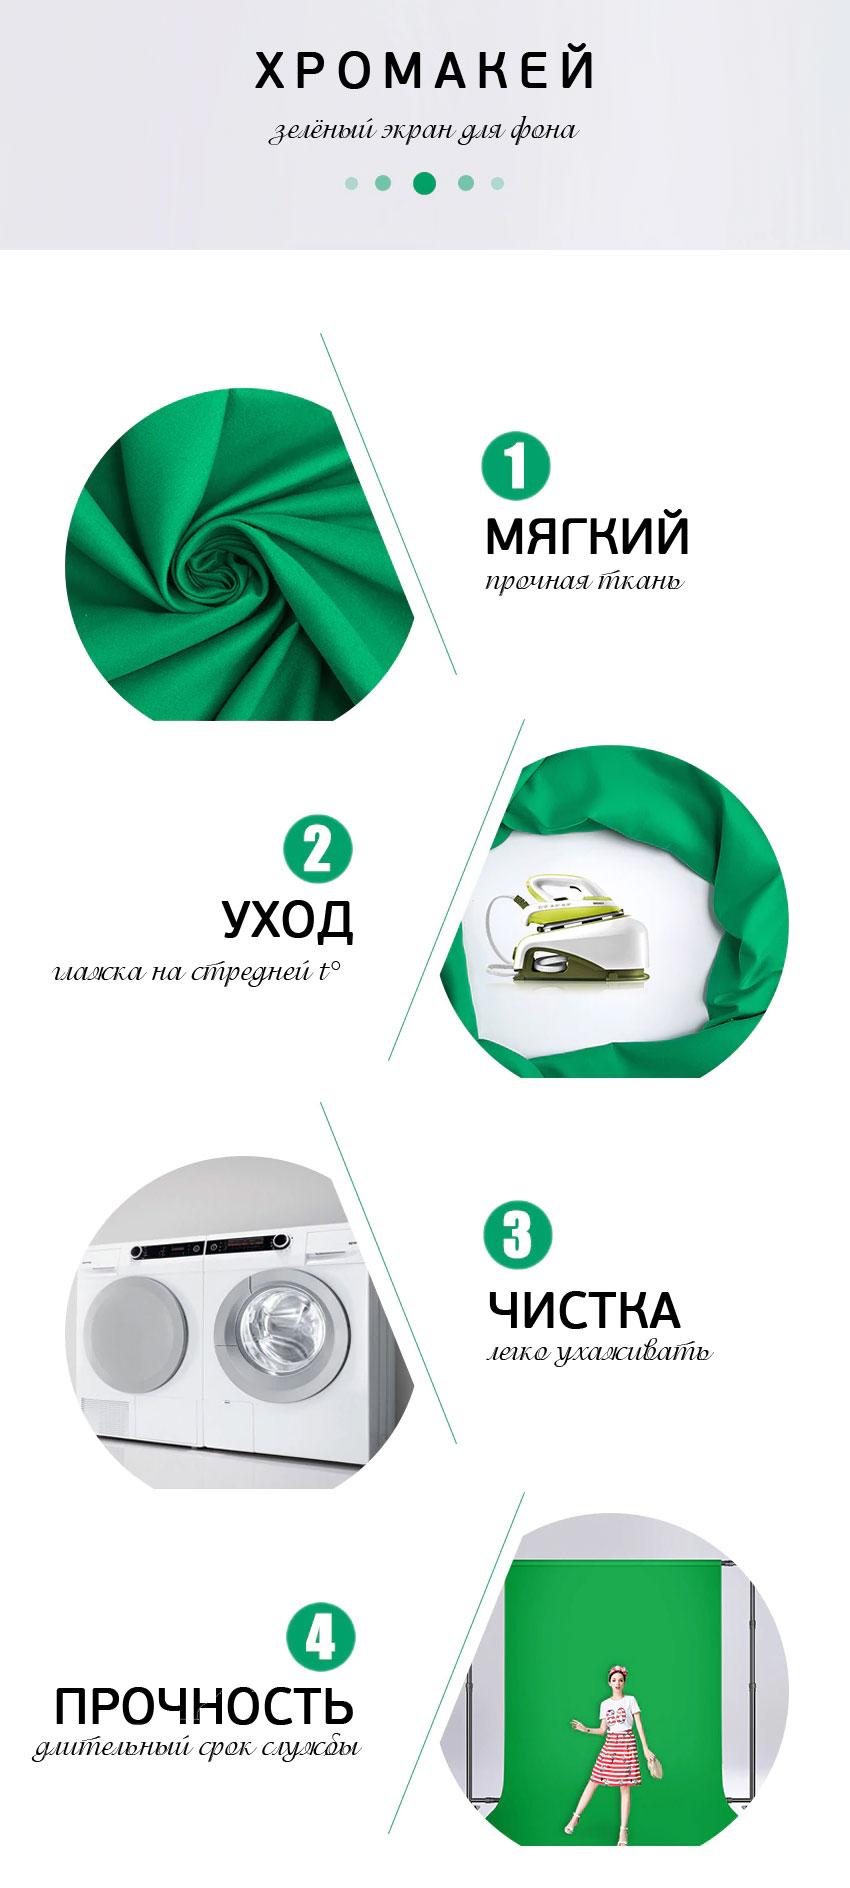 профессиональный зеленый экран для создания фона при проведении диджитал обучения